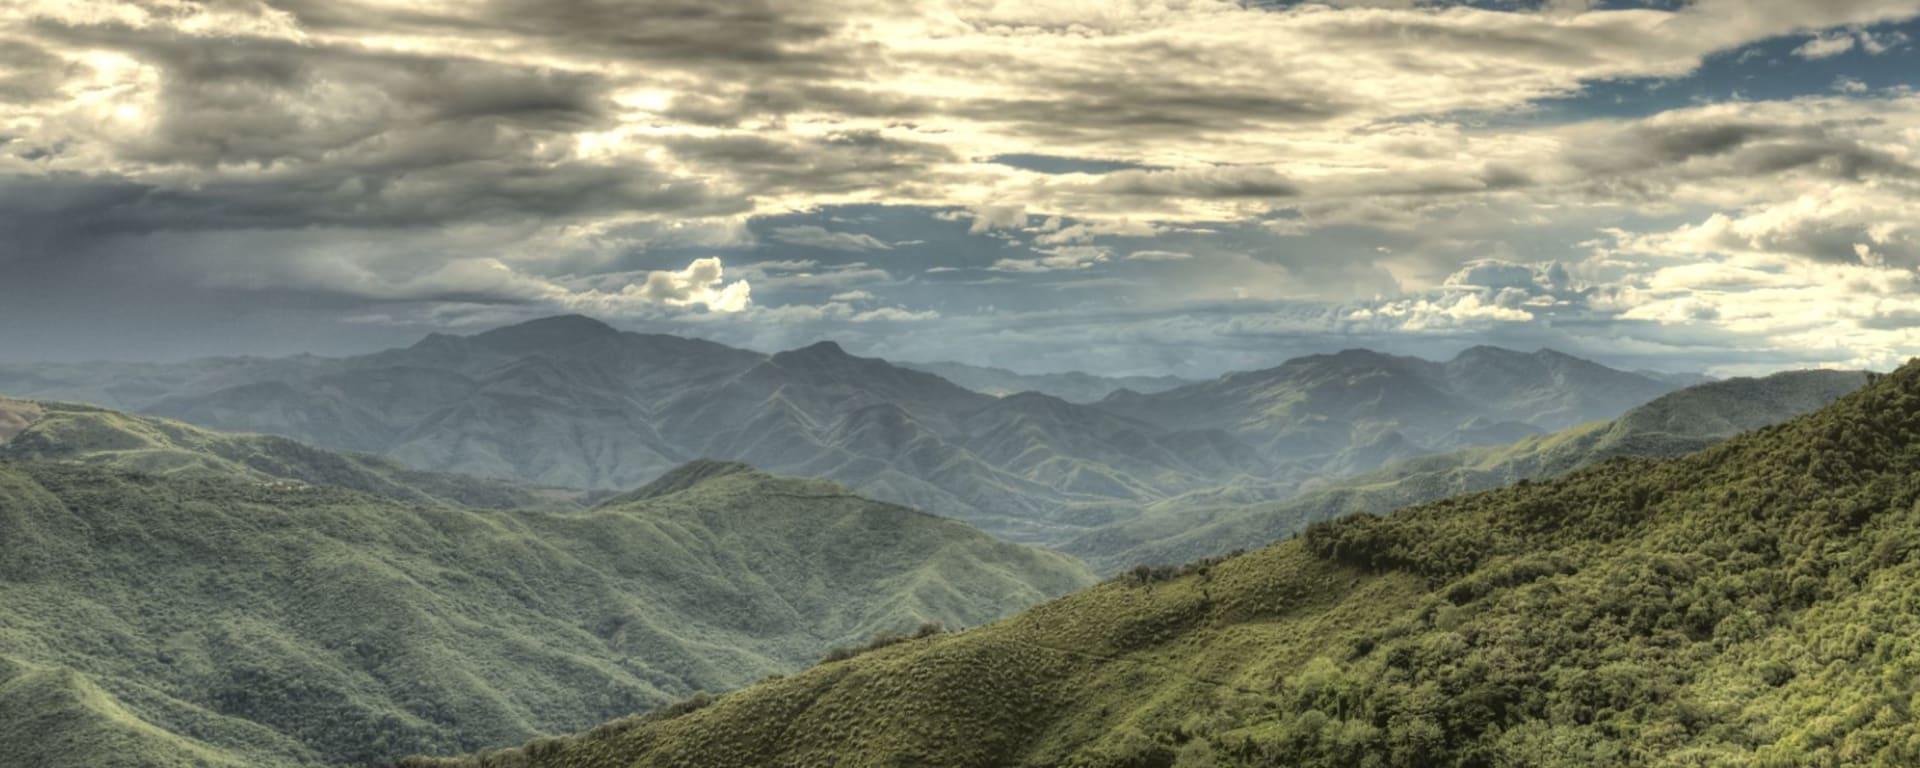 Excursion dans les montagnes de Chin de Bagan: Mountainous Region in Chin State